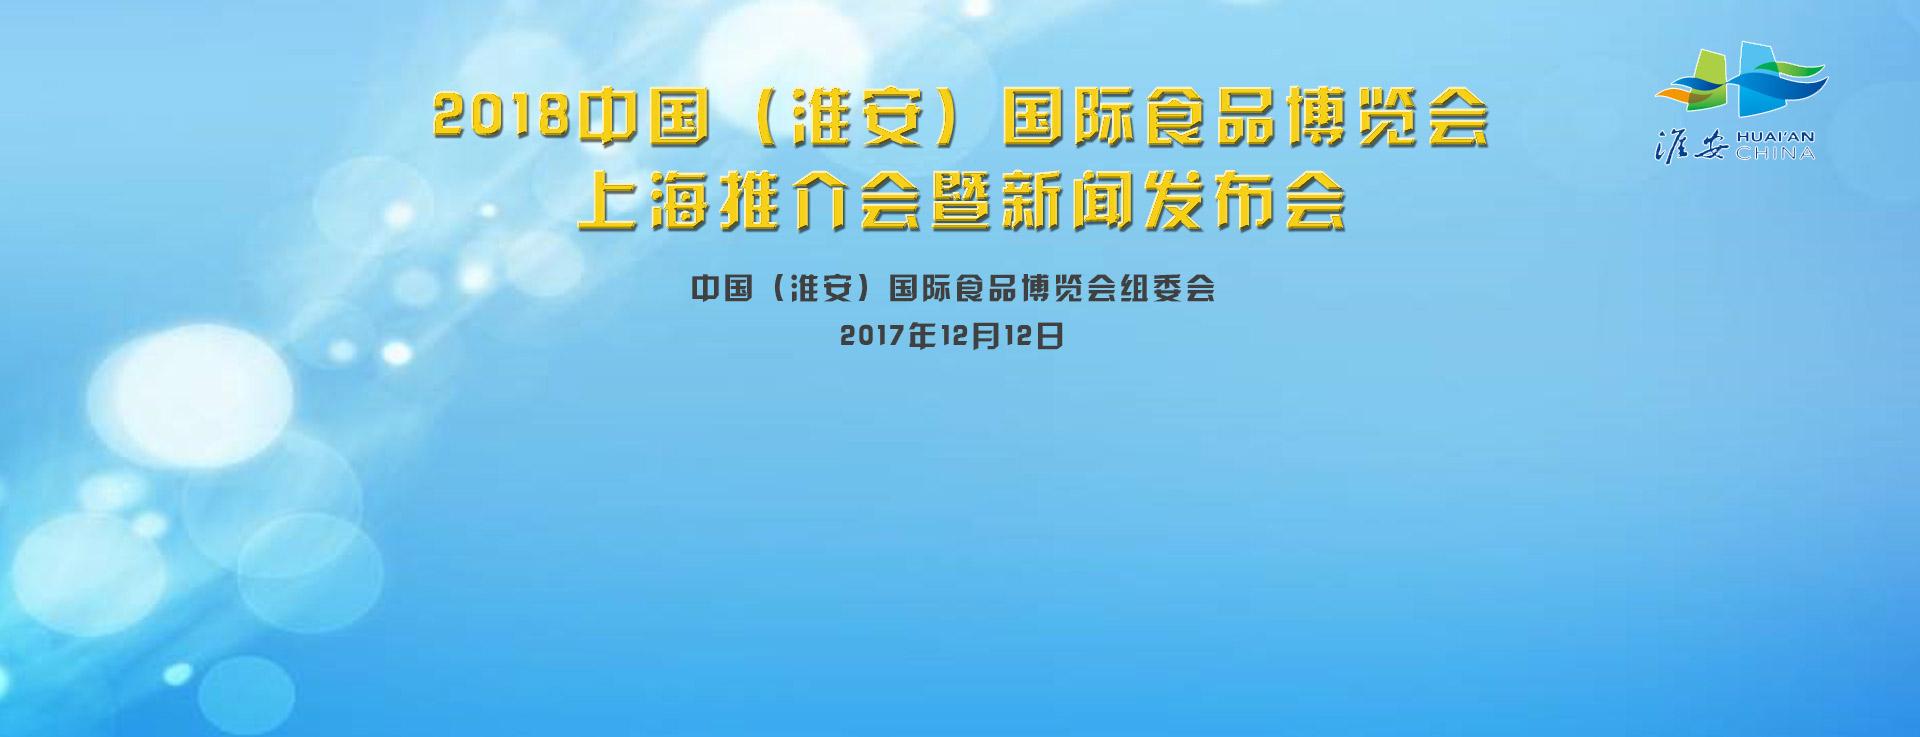 2018中国(淮安)国际食品博览会推介会暨新闻发布会